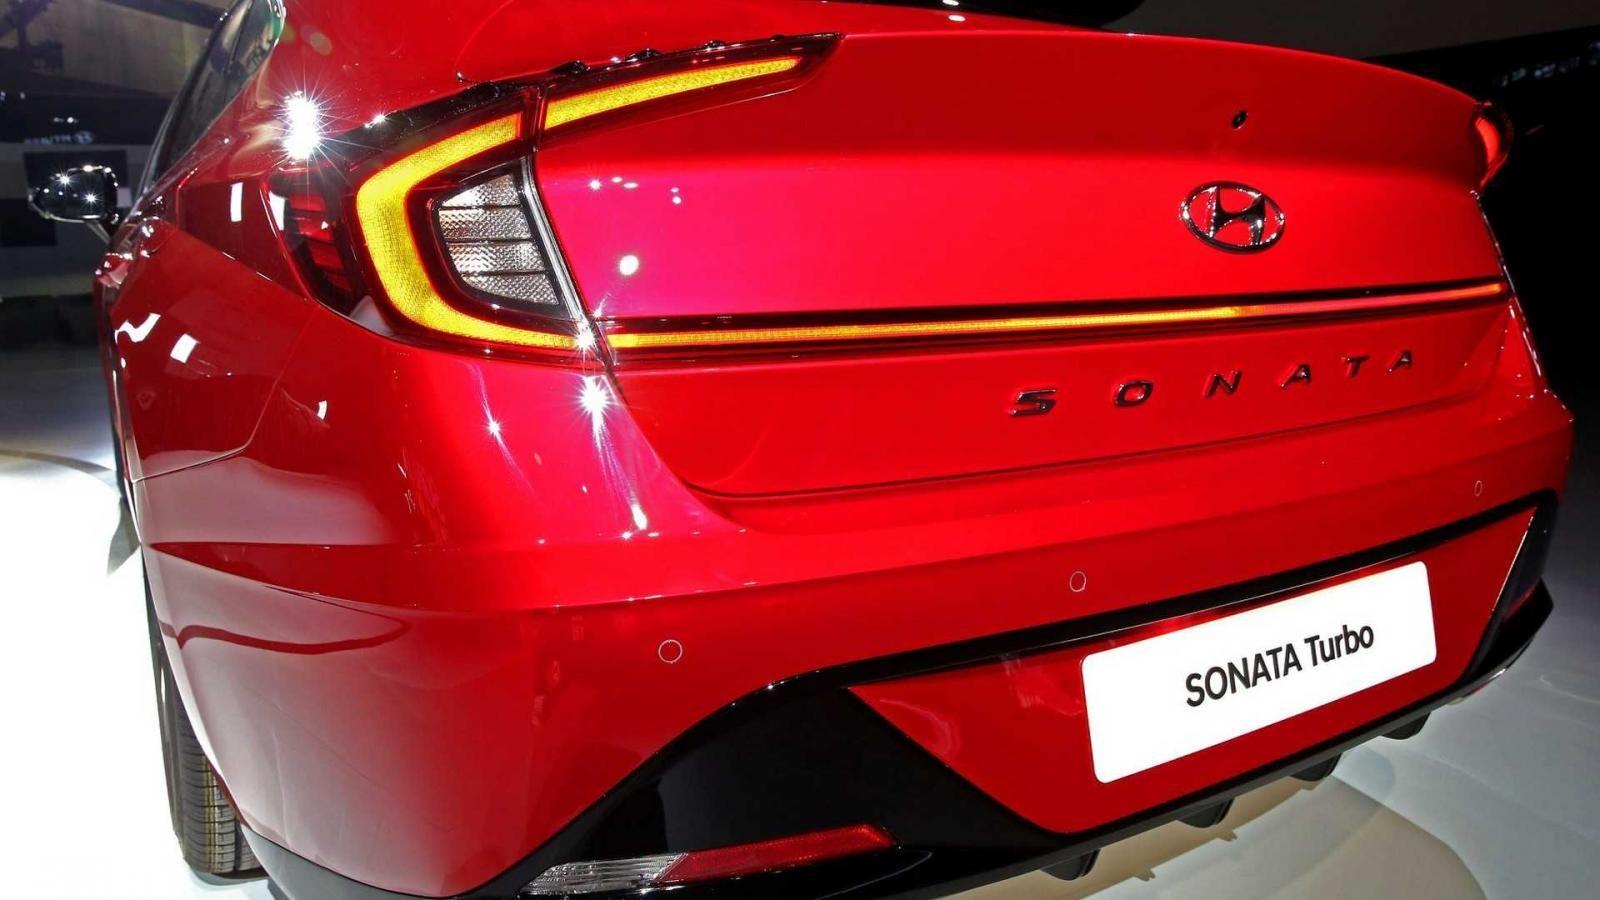 Hyundai Sonata 1.6 Turbo 2020 có cánh gió tích hợp trên cốp sau